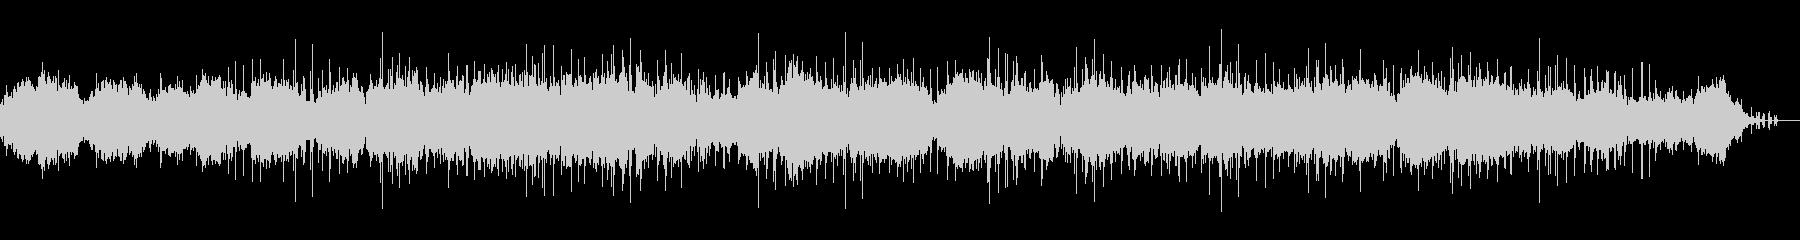 環境音とオルガンの作品 ショートVer.の未再生の波形